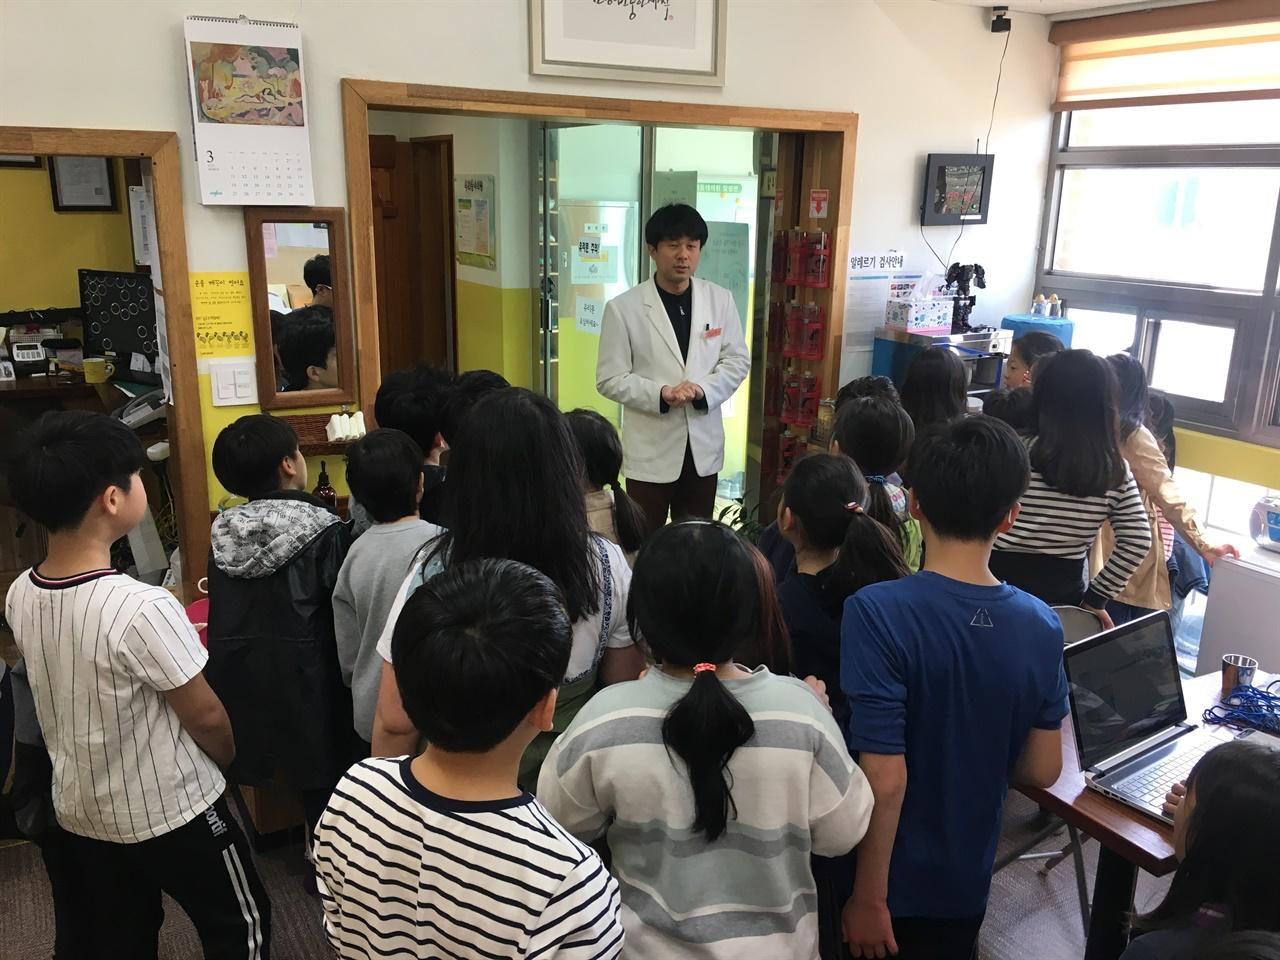 의원에 찾아온 지역 학생들에게 우리동네의원을 소개하는 이훈호 원장  우리동네의원은 마을에 있는 학교에서 견학오기 좋은 장소다. 우리동네의원이 하는 일을 설명하는 것만으로 아이들은 의료와 복지, 사회적 가치, 협동조합에 대해 기본적인 이해를 할 수 있다.